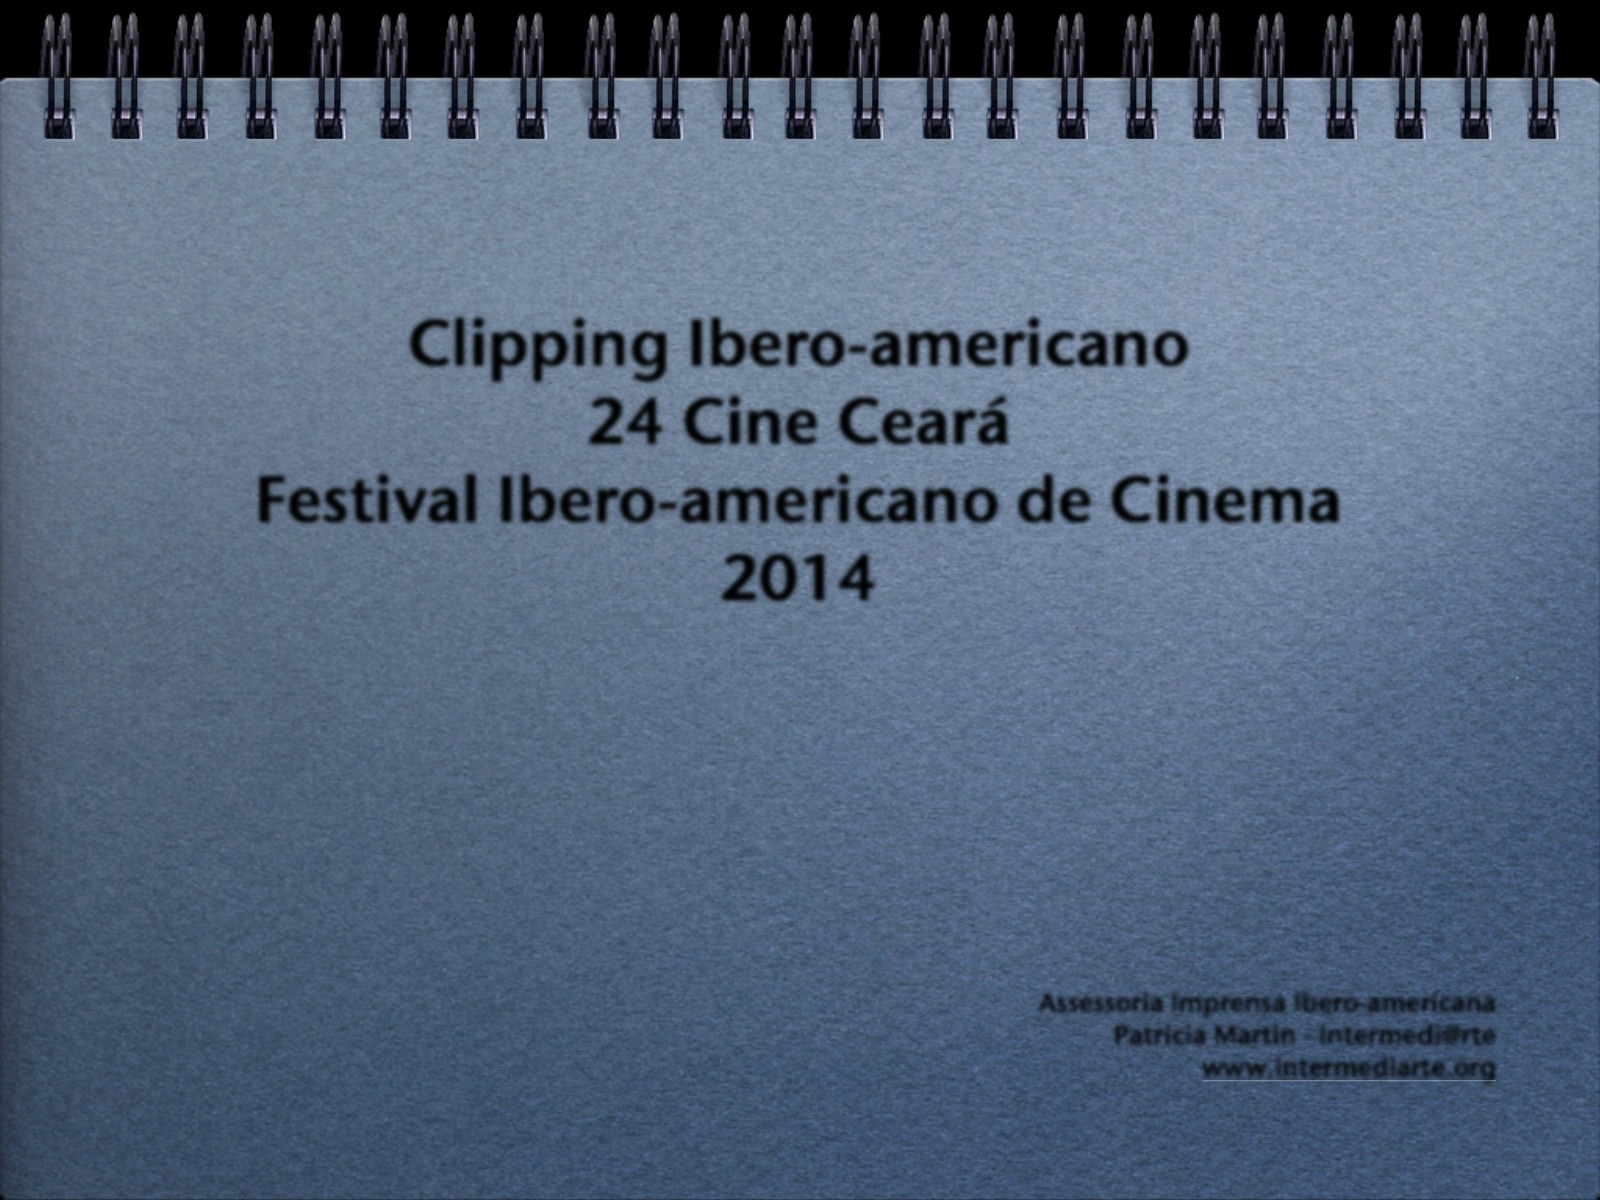 Clipping Ibero americano